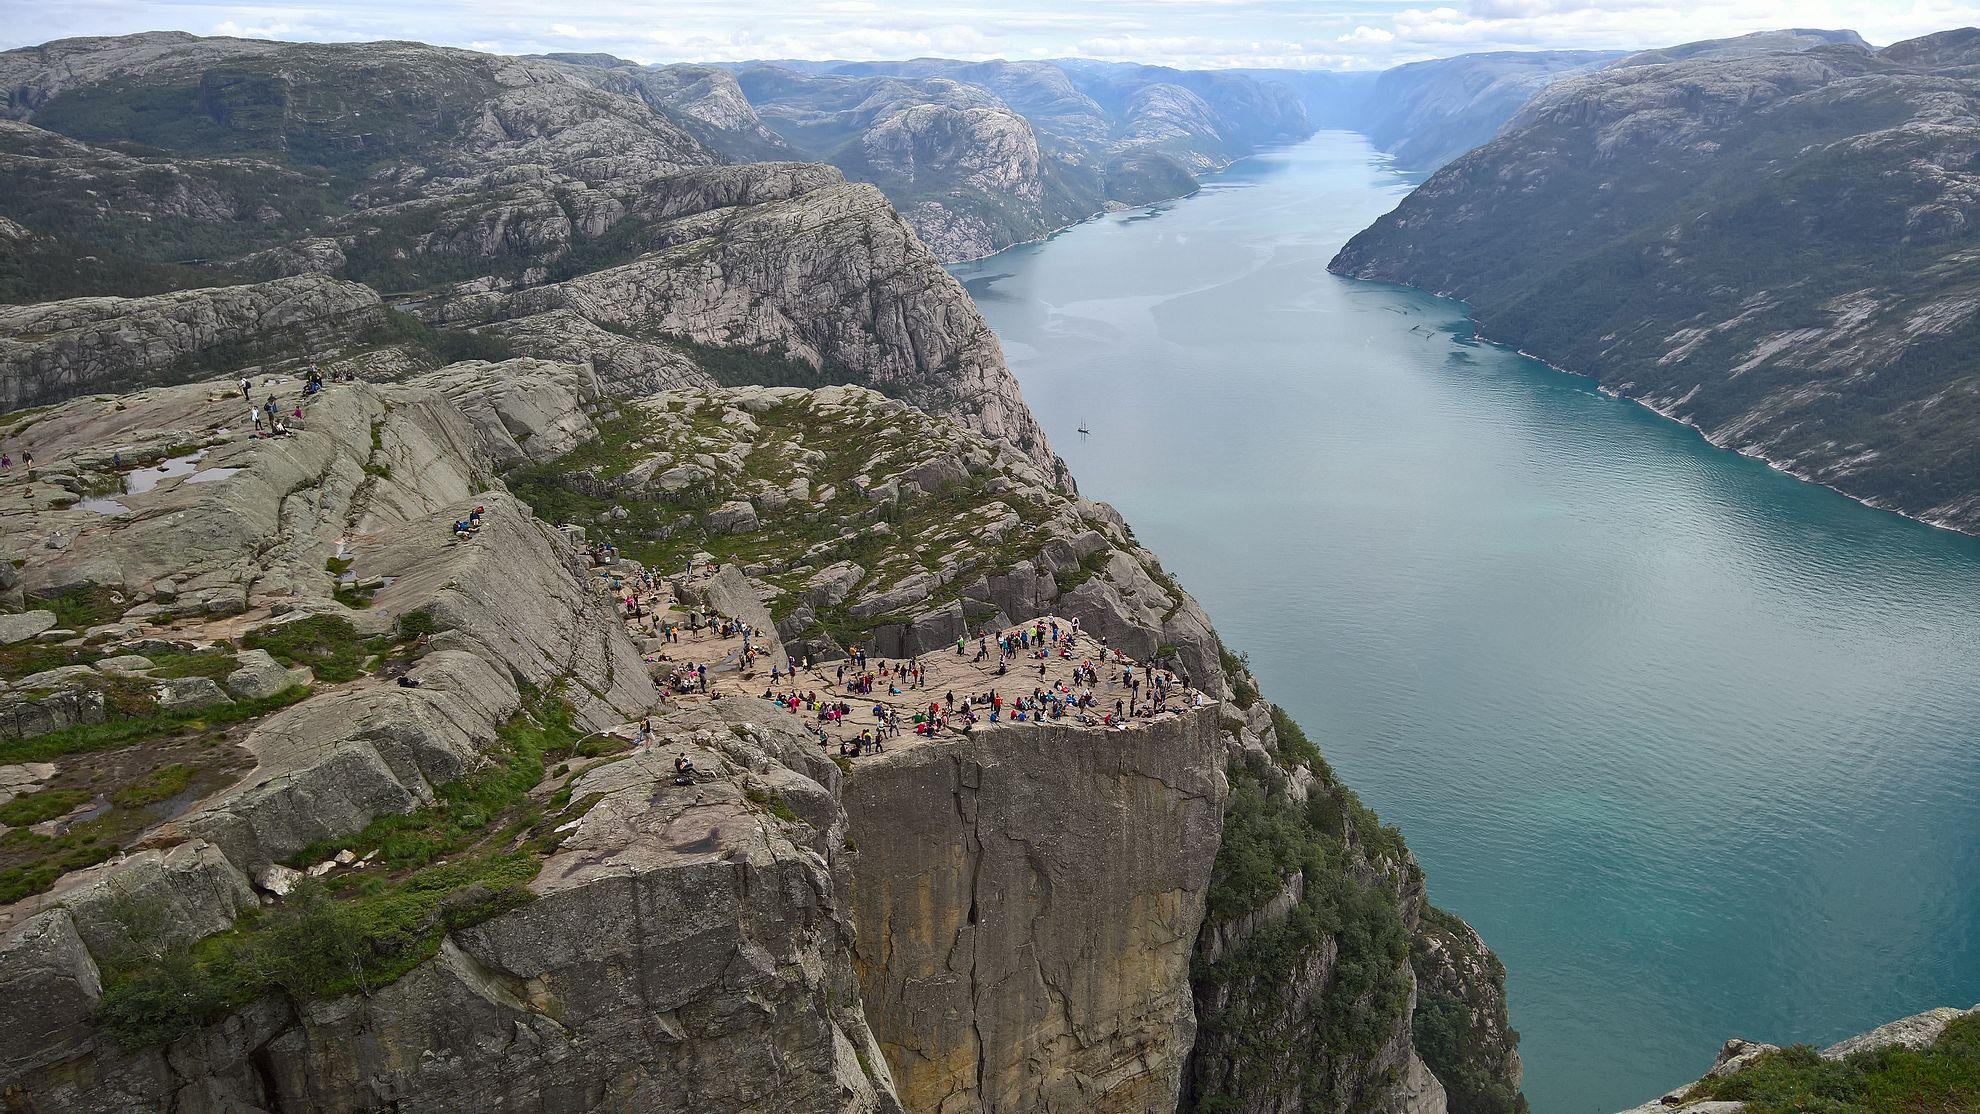 Preikestolen - Norjan suosituin luontonähtävyys.